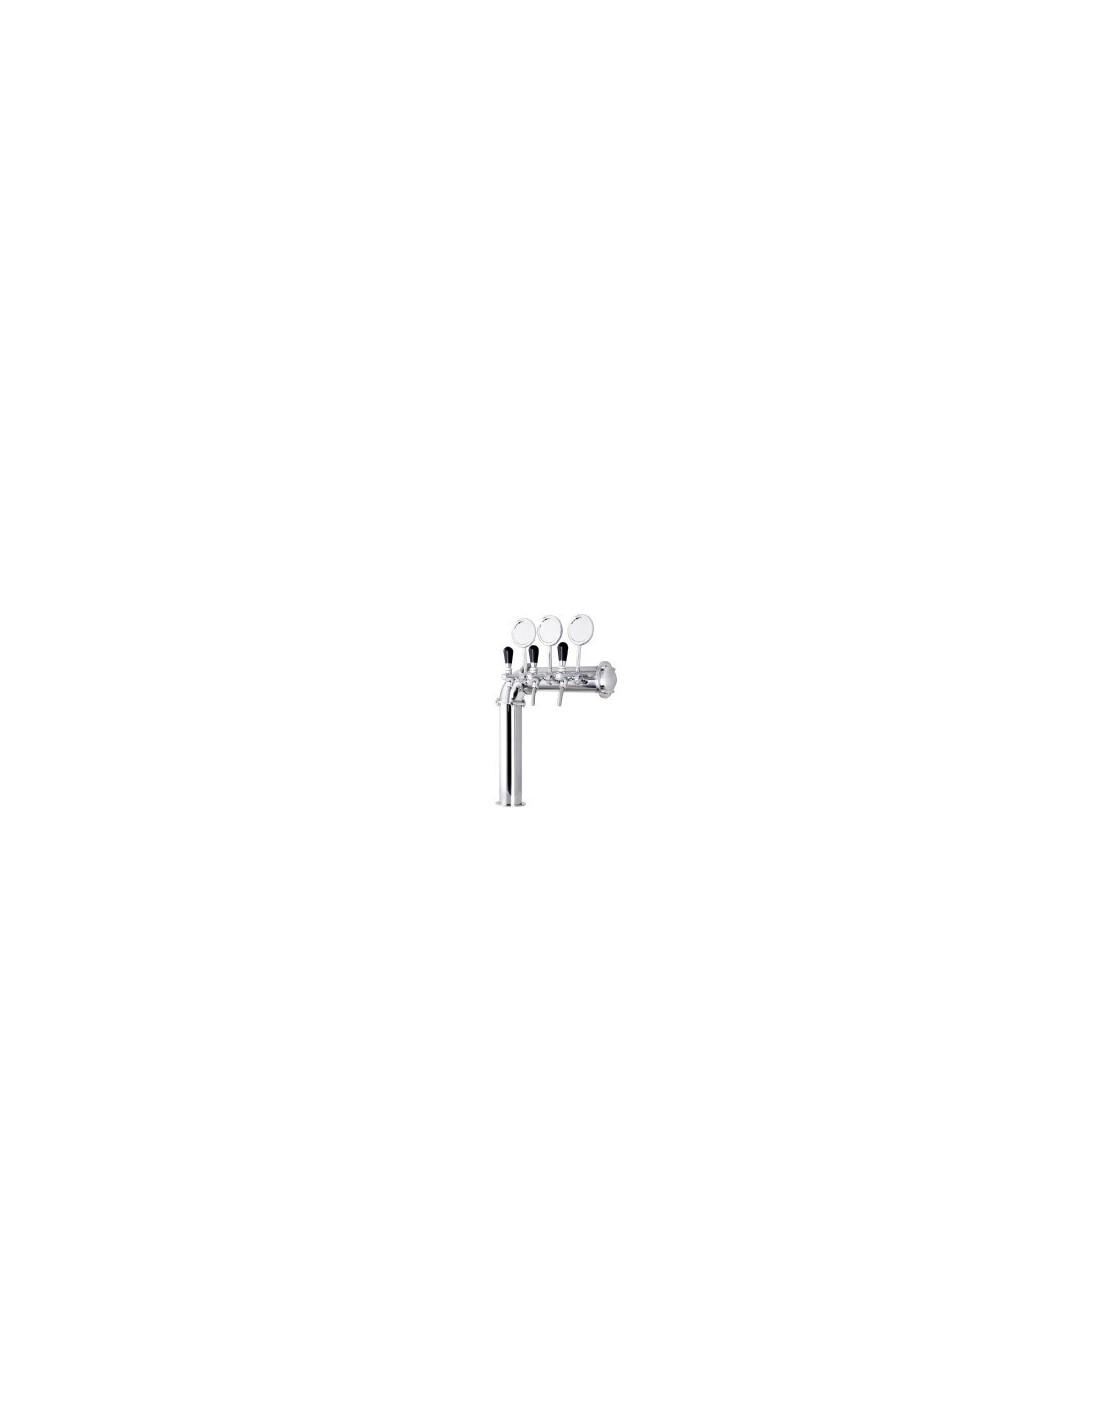 """STM02122 - Tapptorn komplett - Tapptorn """"L"""" i rostfritt stål med 3 kranar + märkbrickor"""